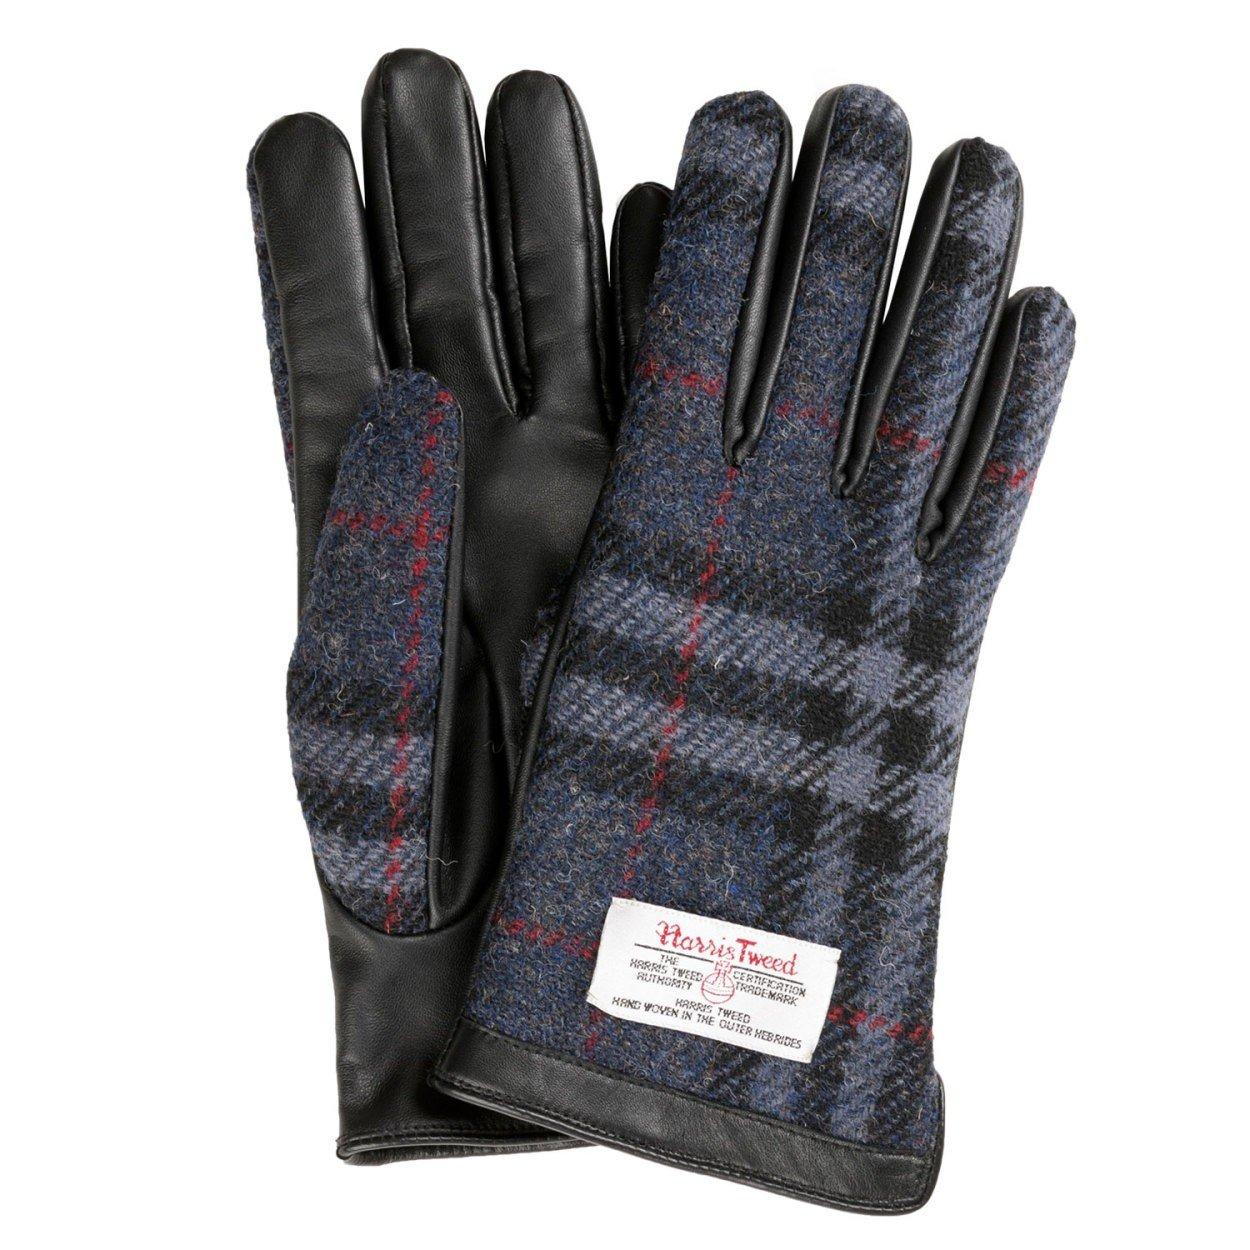 ハリスツイード Harris Tweed スマホ対応 手袋 メンズ レディース レザー B01MDLYQI7 M ネイビー/チェック ネイビー/チェック M